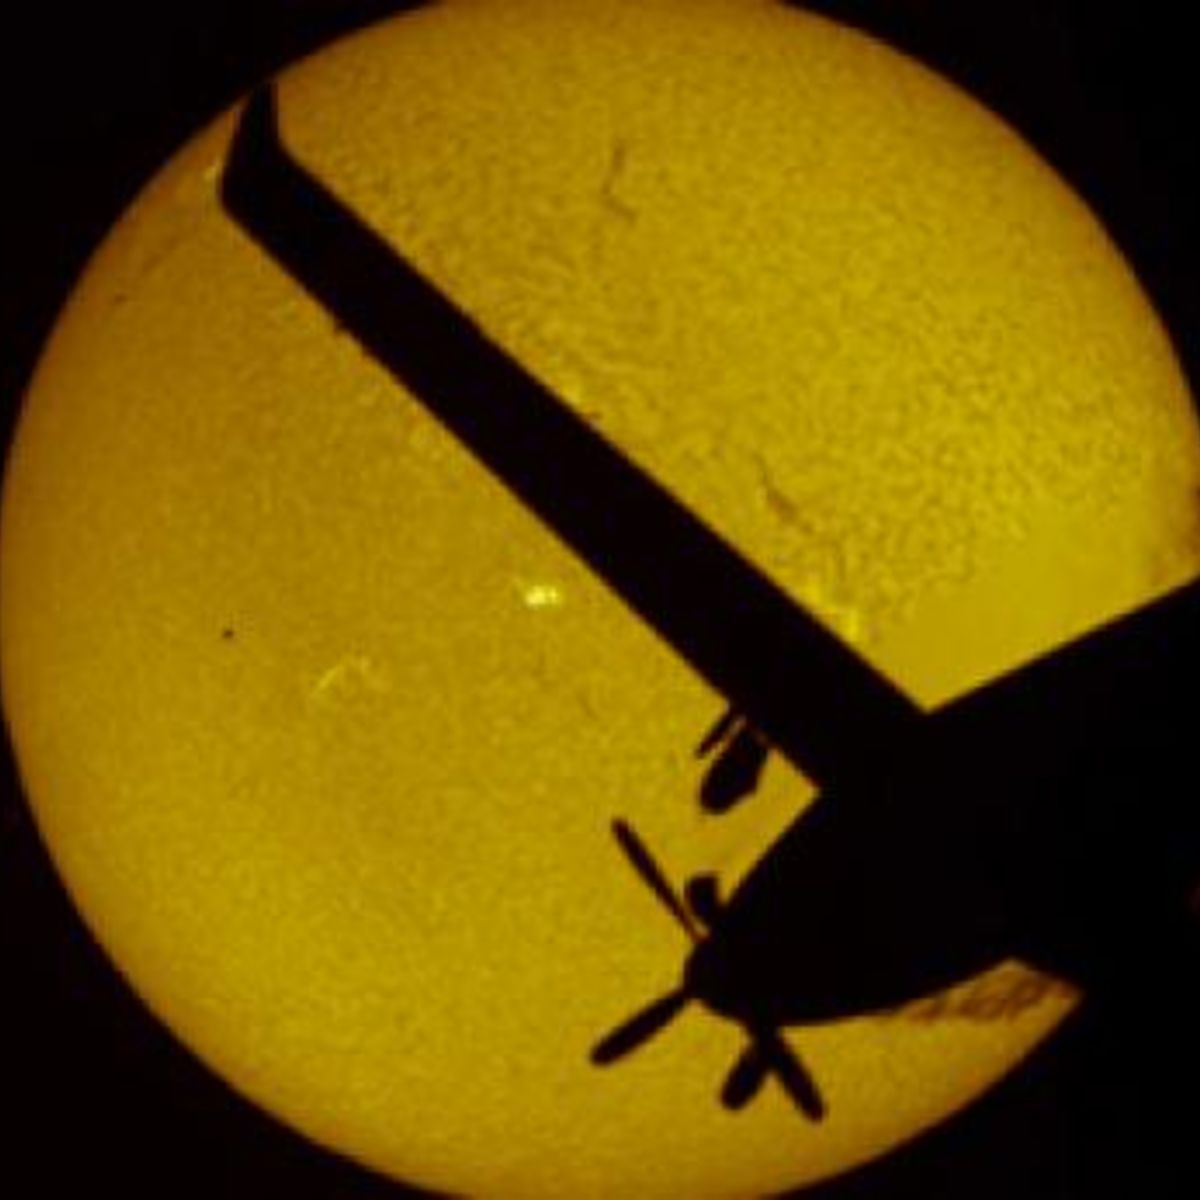 legault_airplane_mercury_transit_354.jpg.CROP.rectangle-large_0.jpg